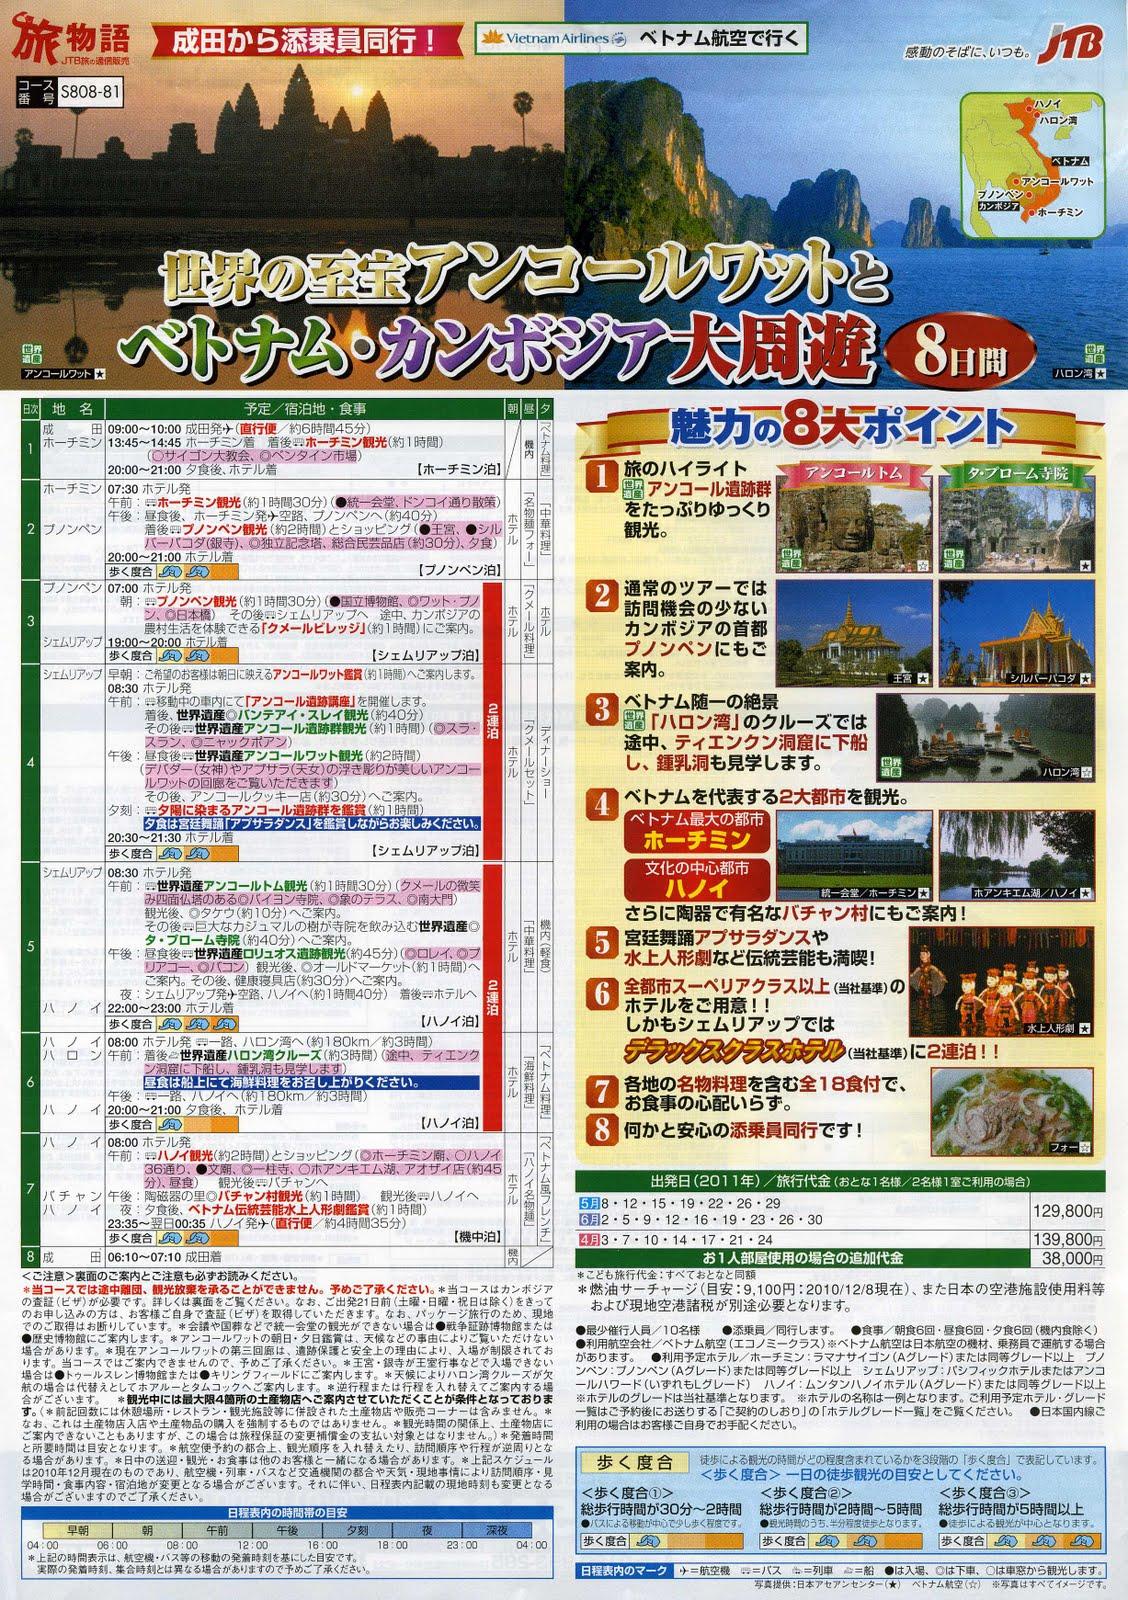 海外旅行のキャンセル料金について - JTBのツアー  …